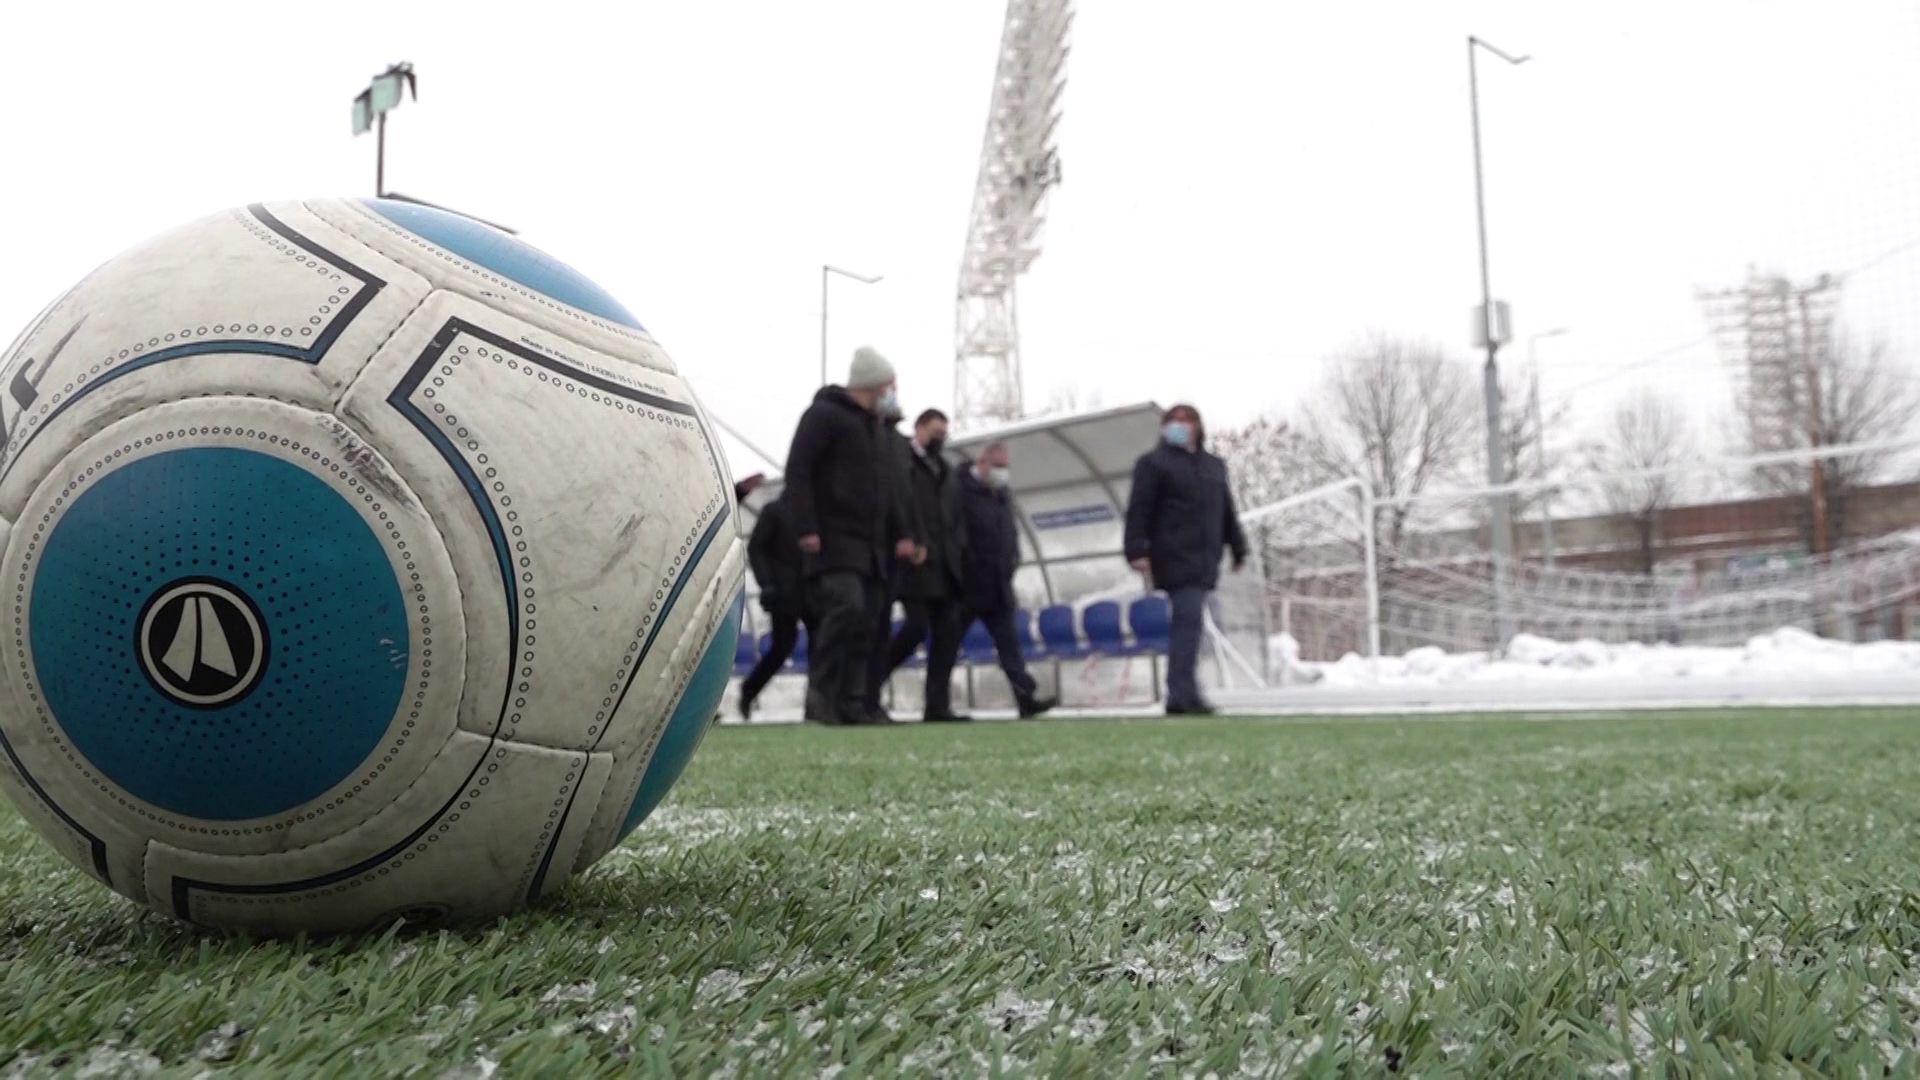 Ярославская область станет участником проекта «Футбол в школу»